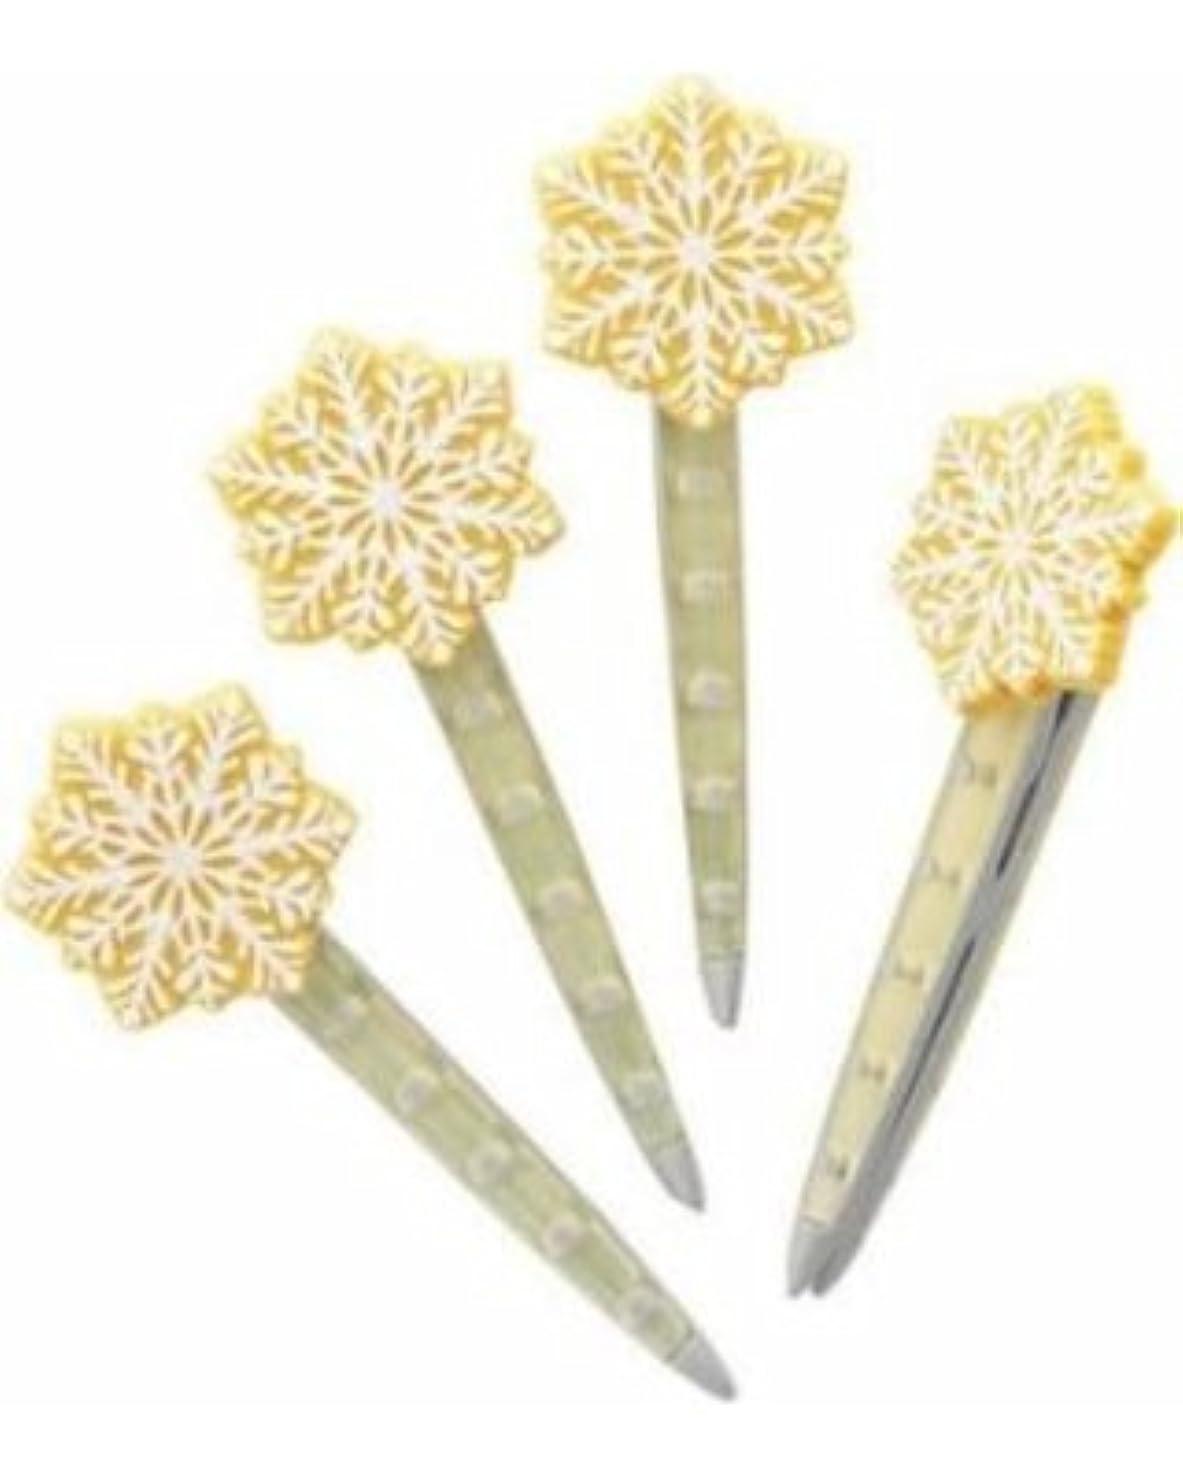 市長クラッチ溶かすYankee CandleクリスマスクッキーVent Sticks Set of 4